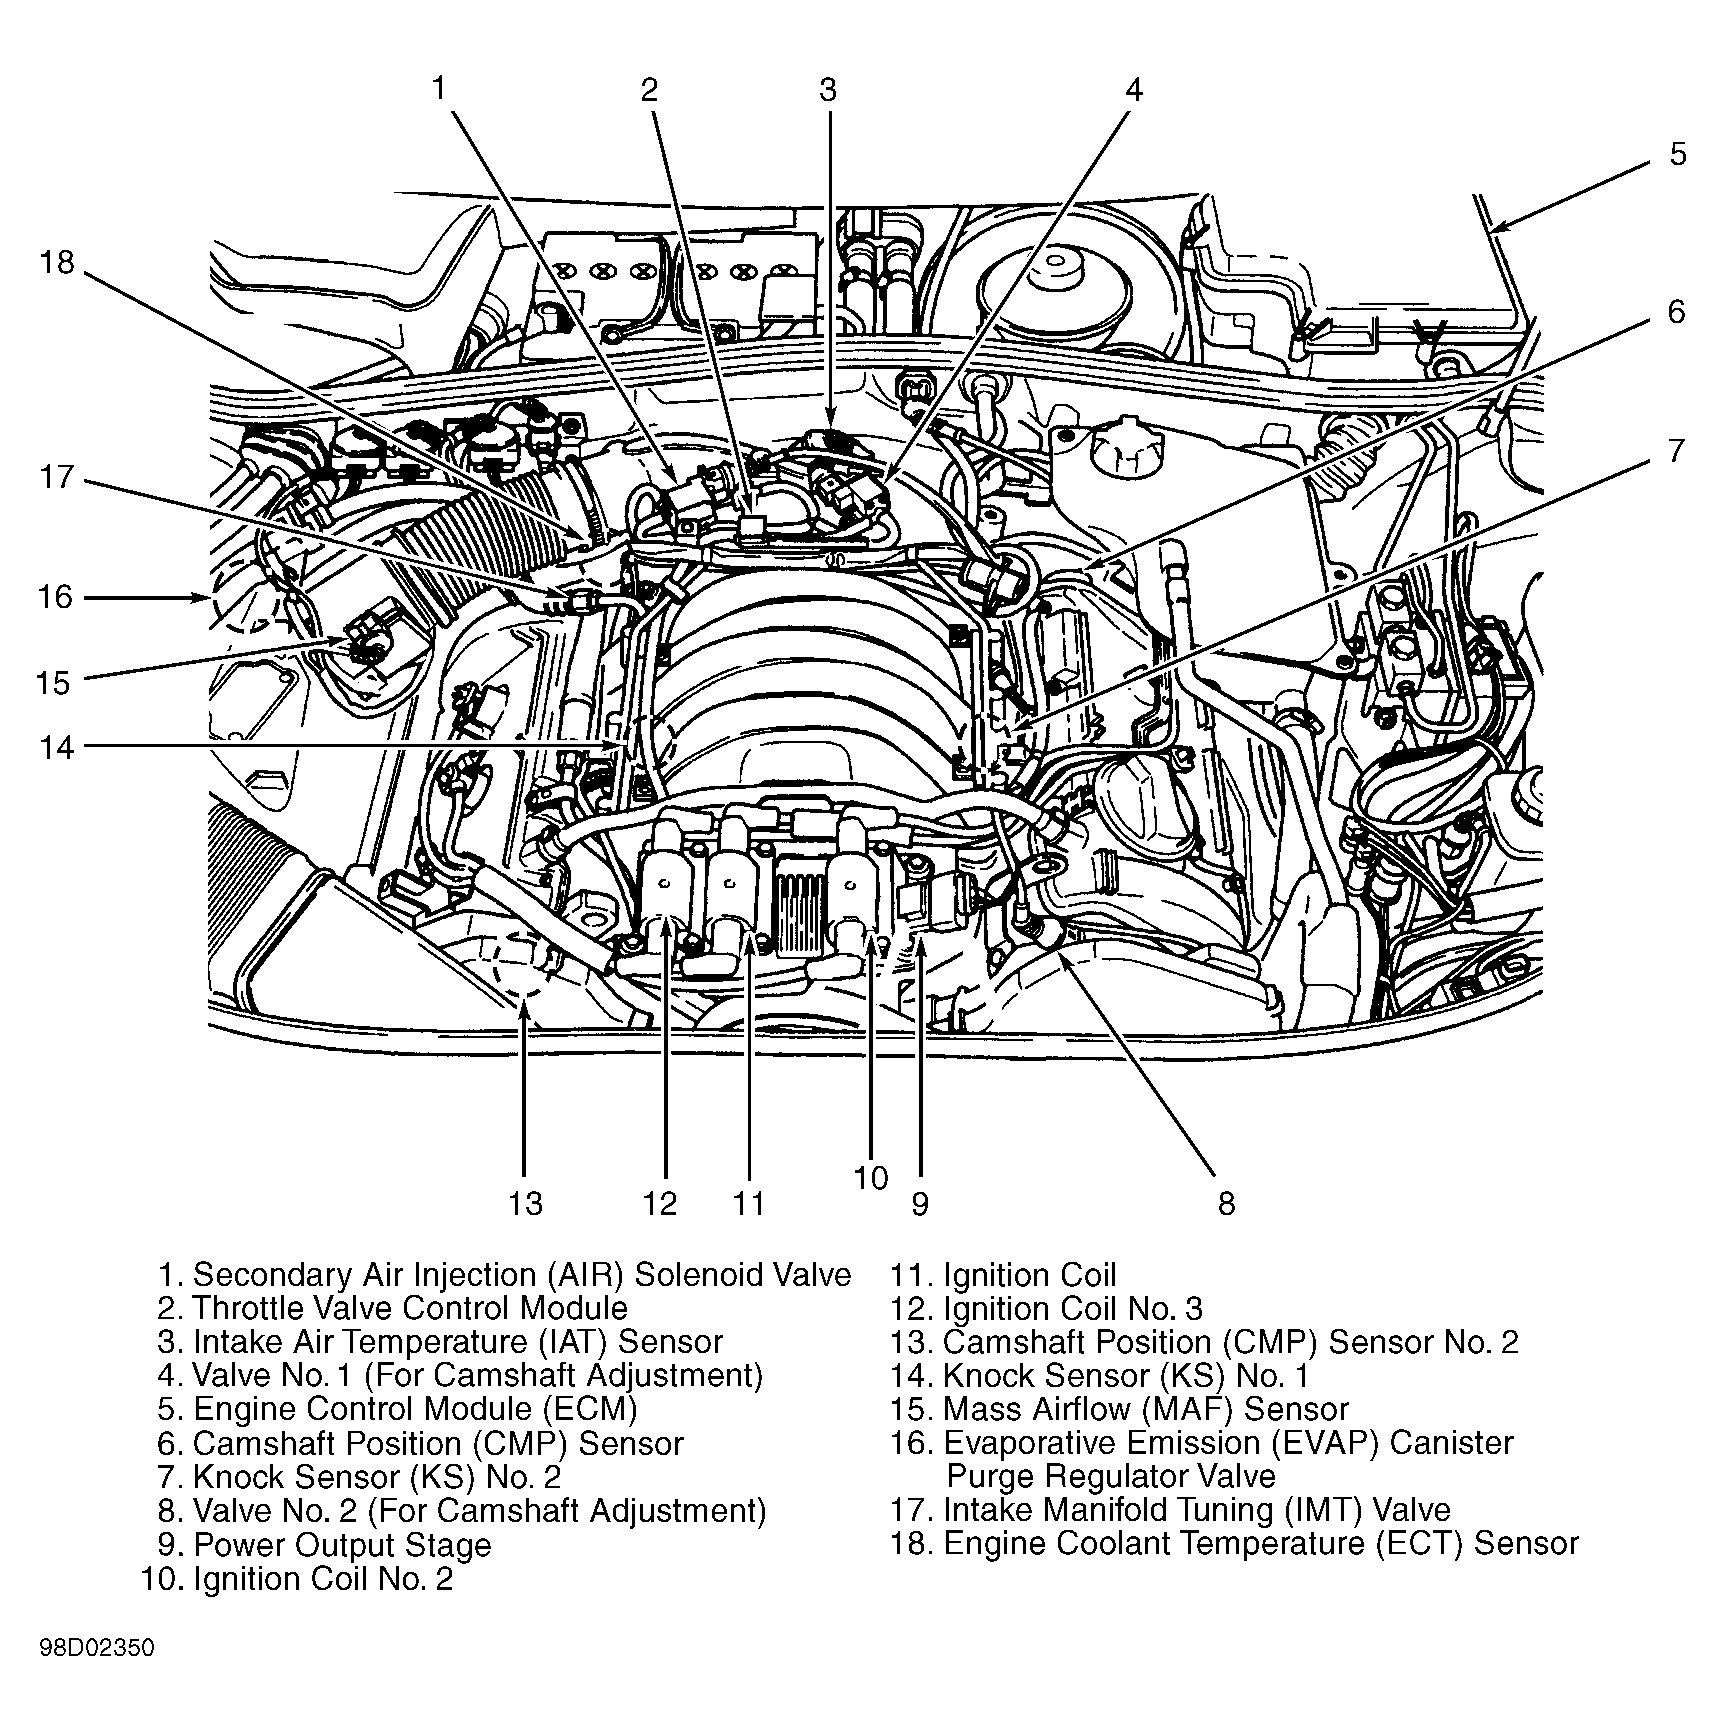 1999 Ford Contour Engine Diagram In 2021 Engine Diagram Dodge Ram 1500 Wiring Diagram